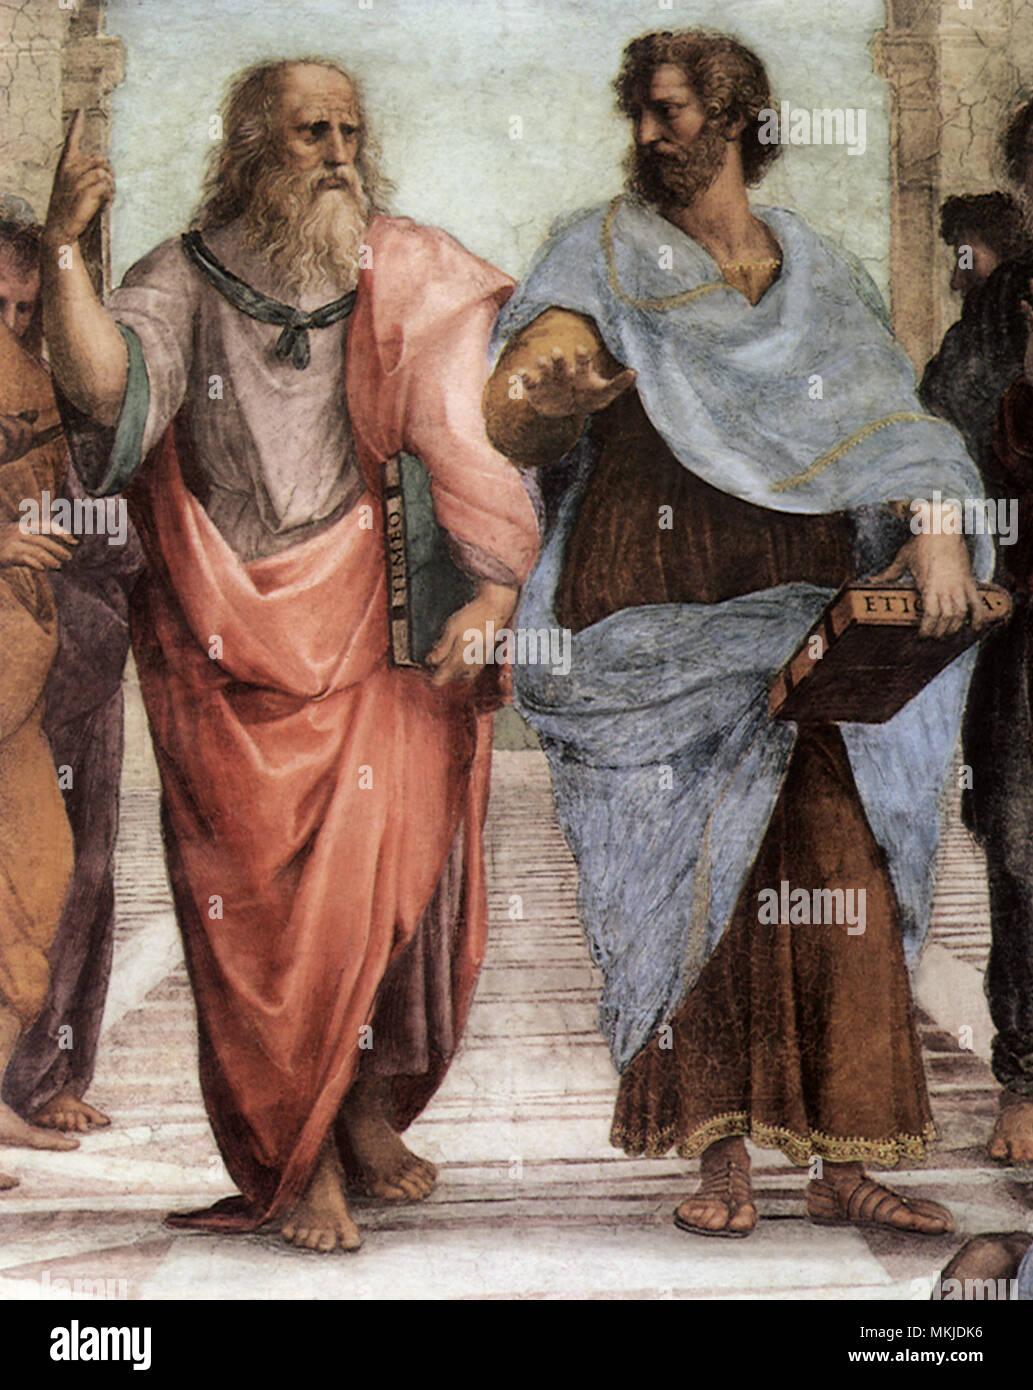 La escuela de Atenas, Platón y Aristóteles, 1520 Foto de stock